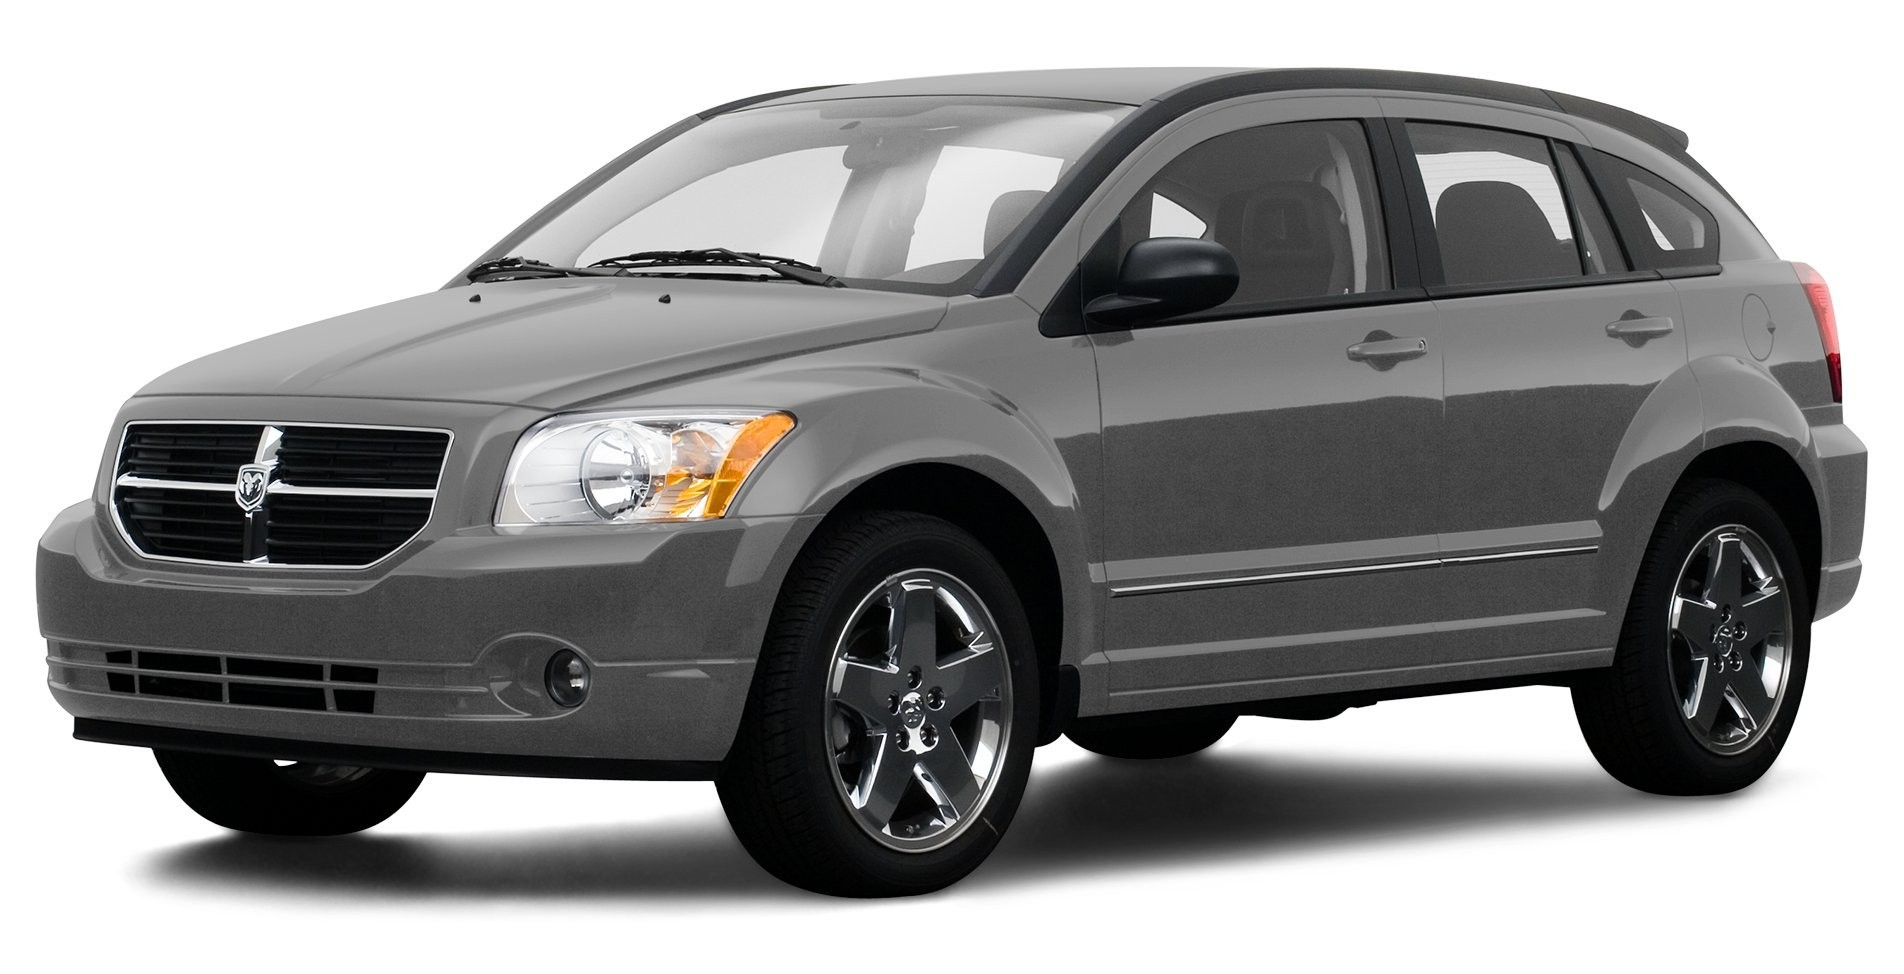 2008 Dodge Caliber R T 4 Door Hatchback All Wheel Drive